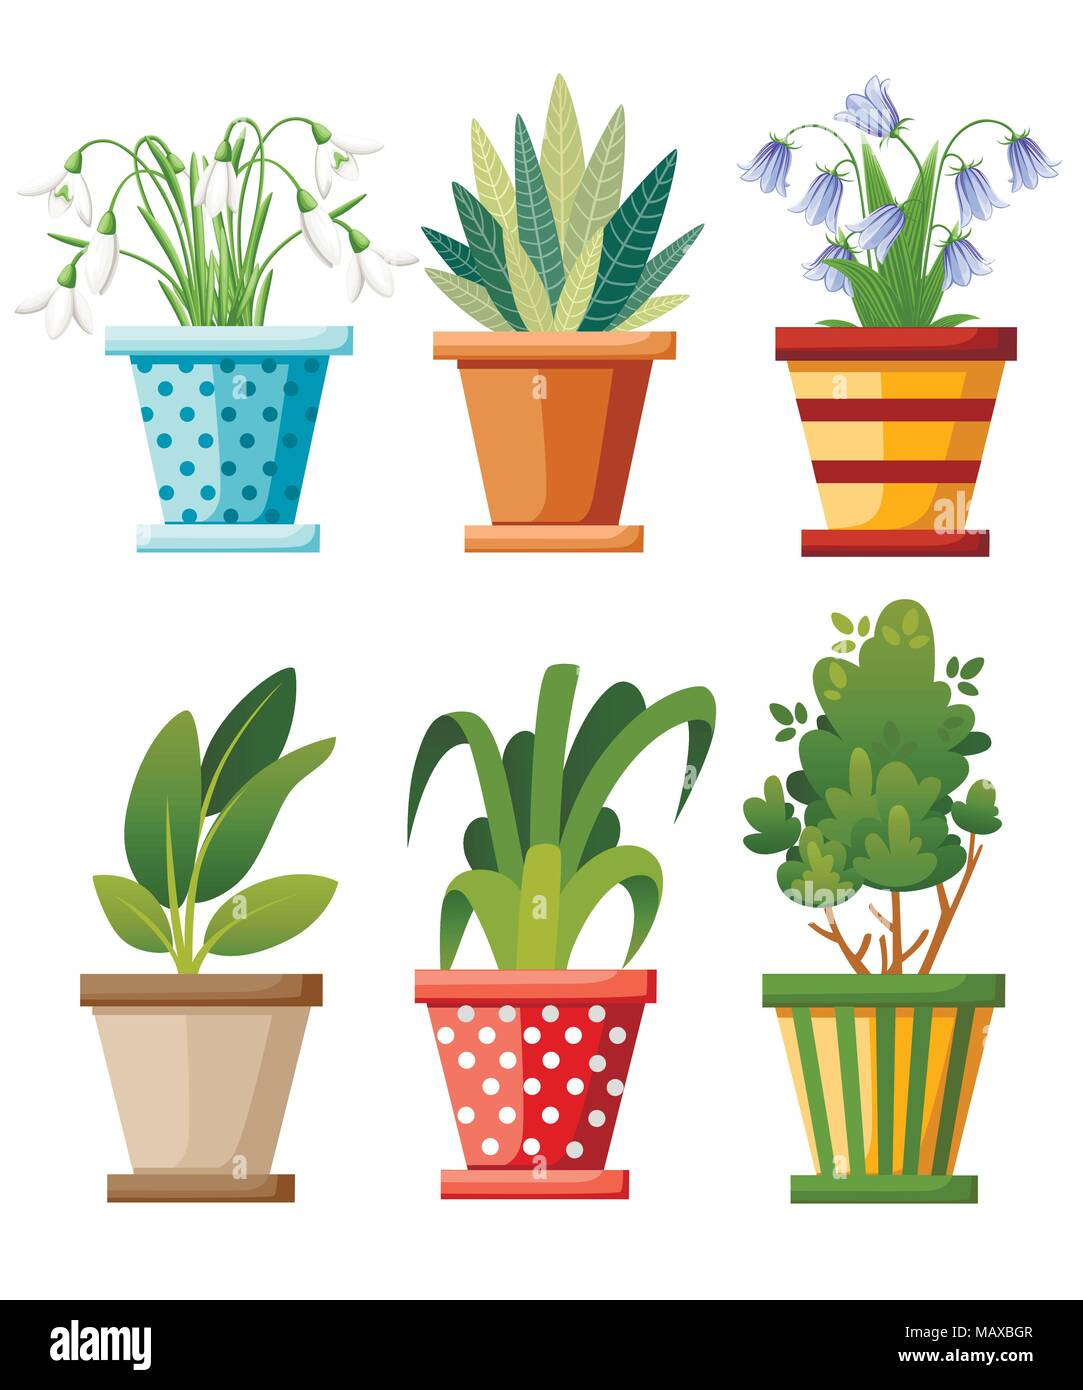 Paysage Interieur Et Exterieur Jardin De Plantes En Pots